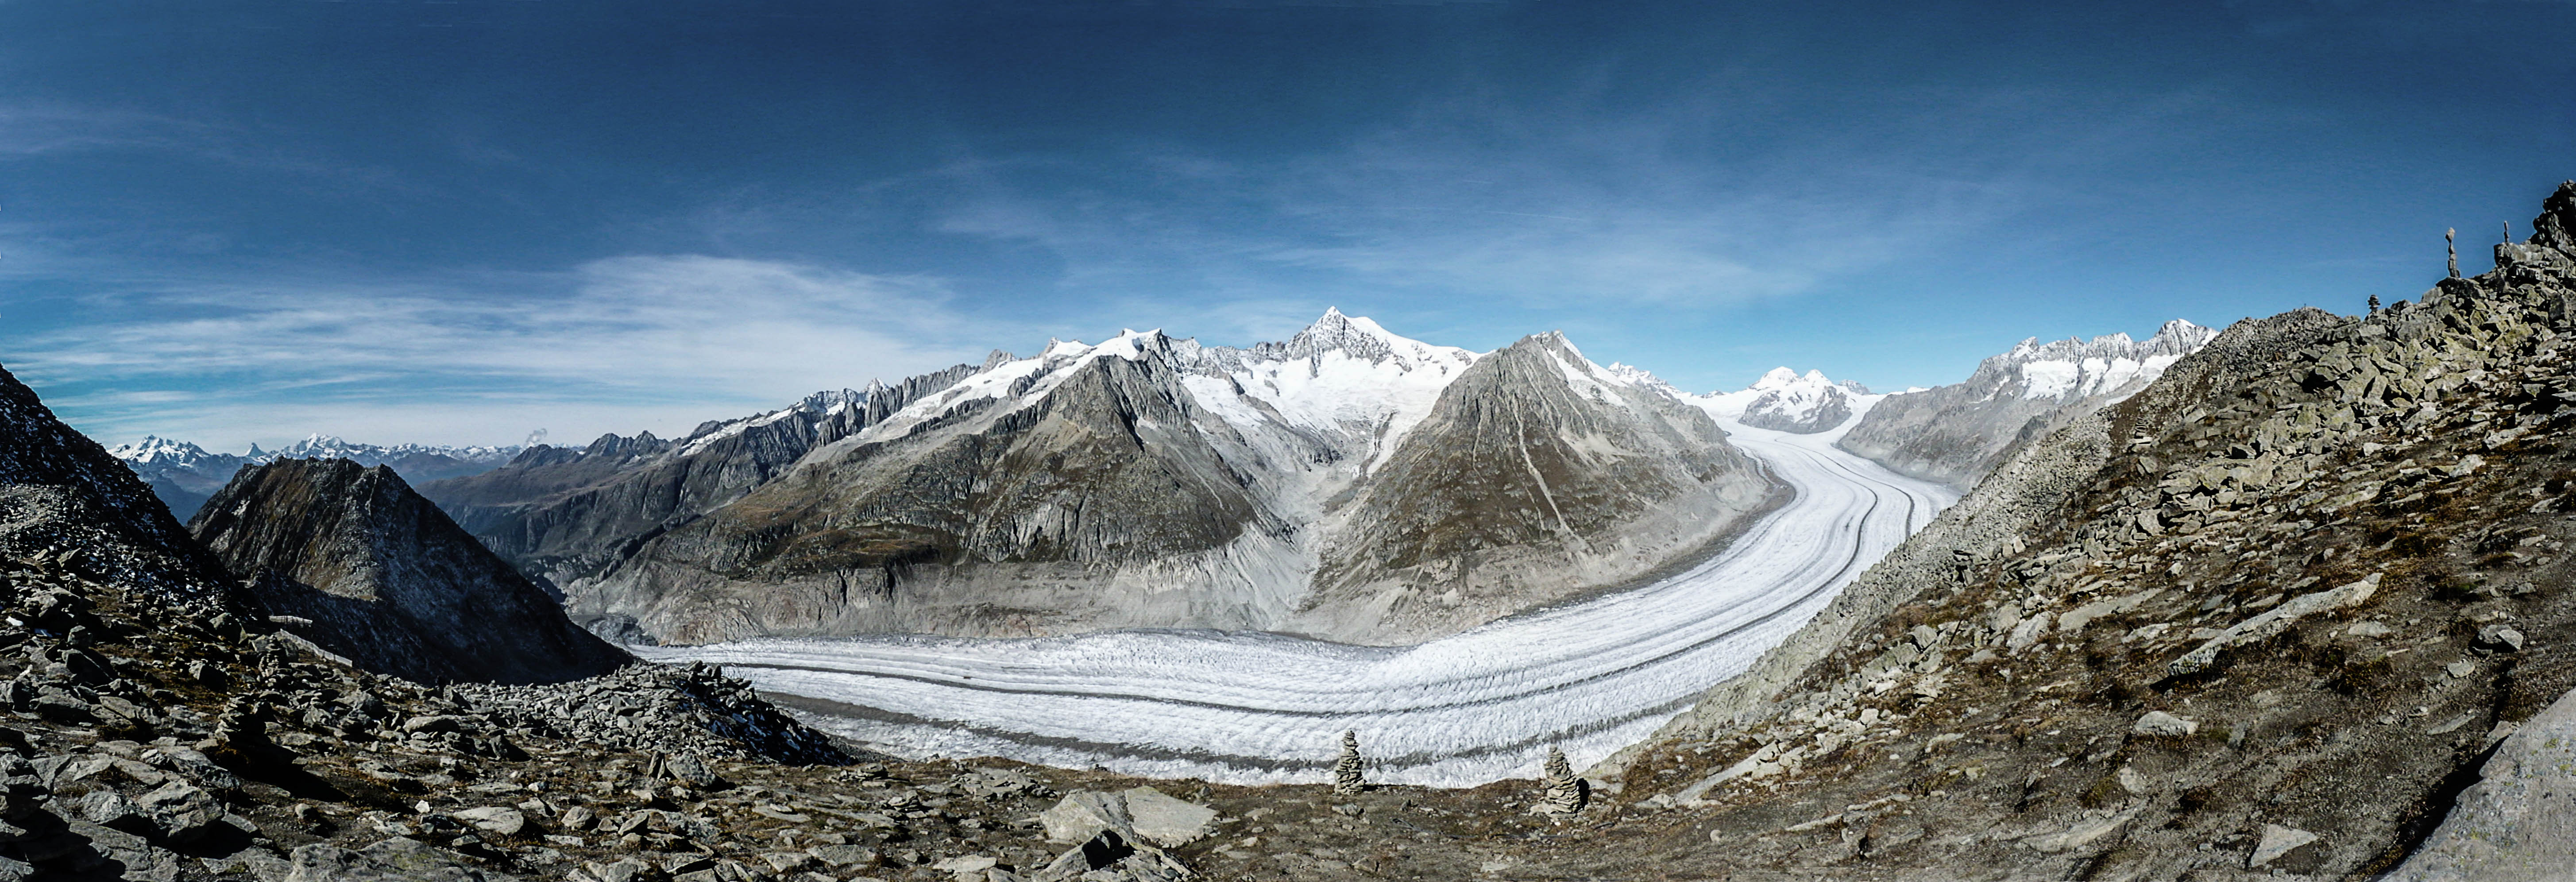 aletsch gletscher panorama